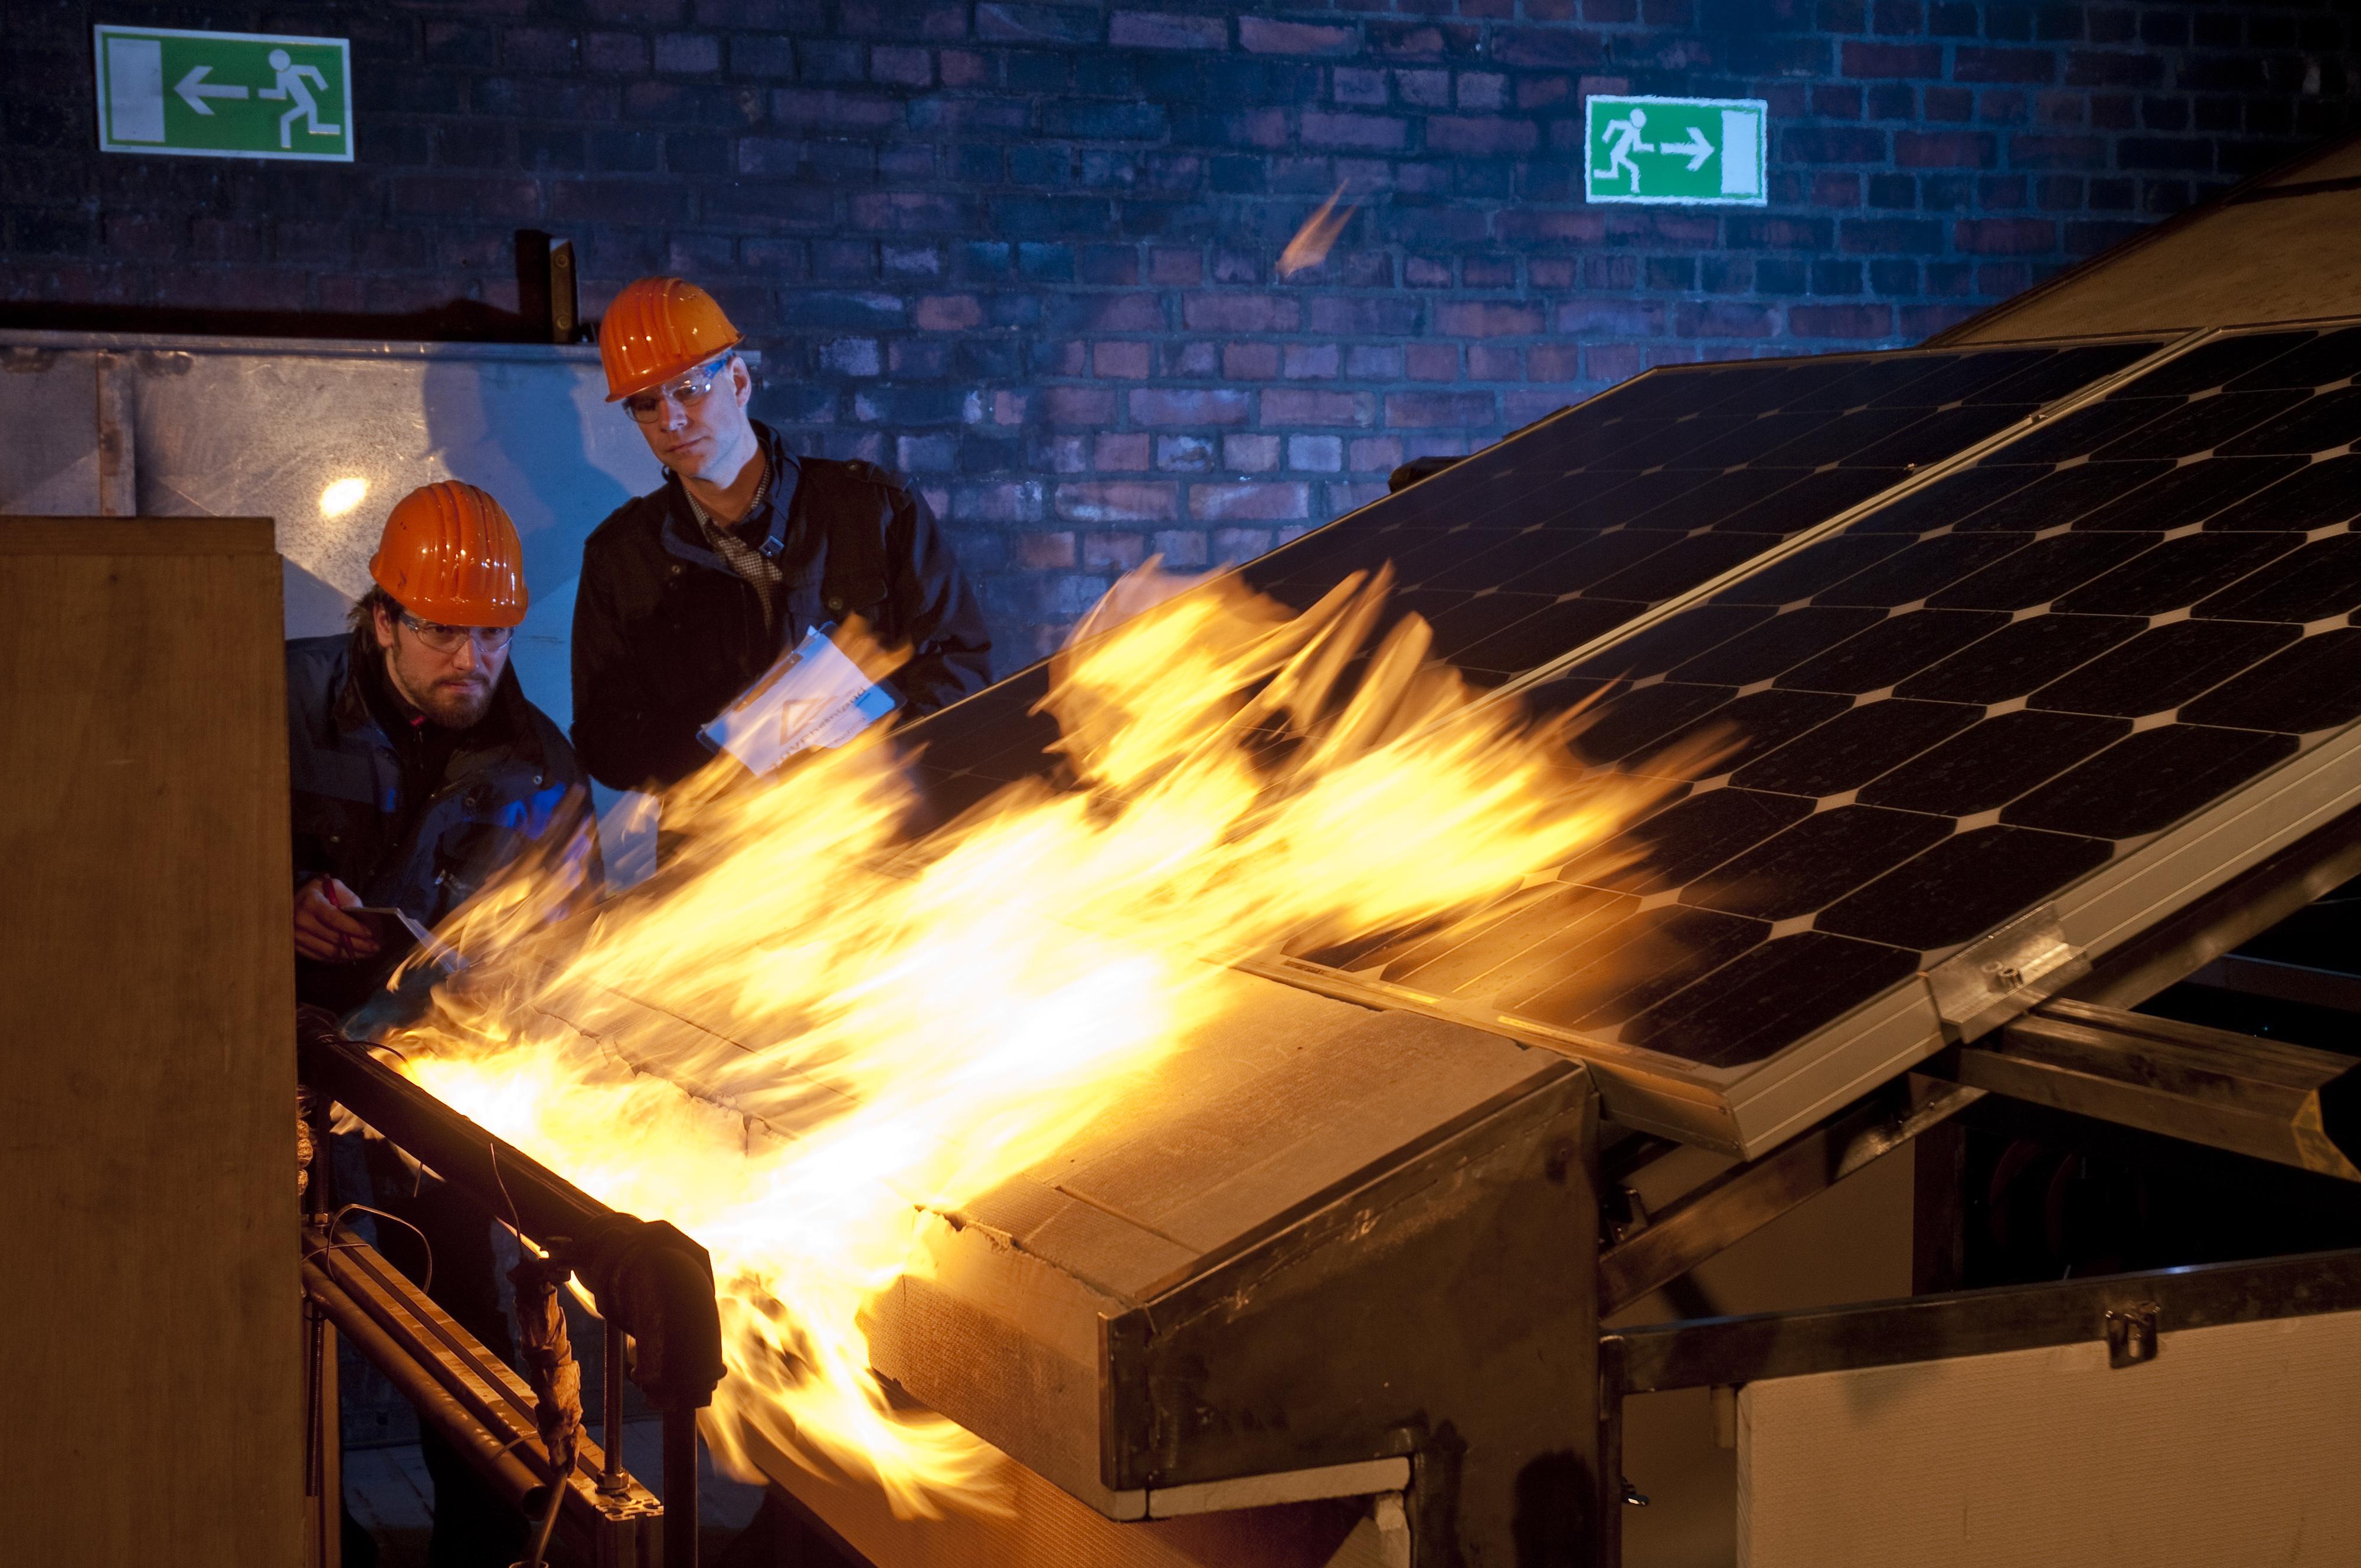 Projekt zu Brandrisiken bei Photovoltaik-Anlagen (Foto: OTS)